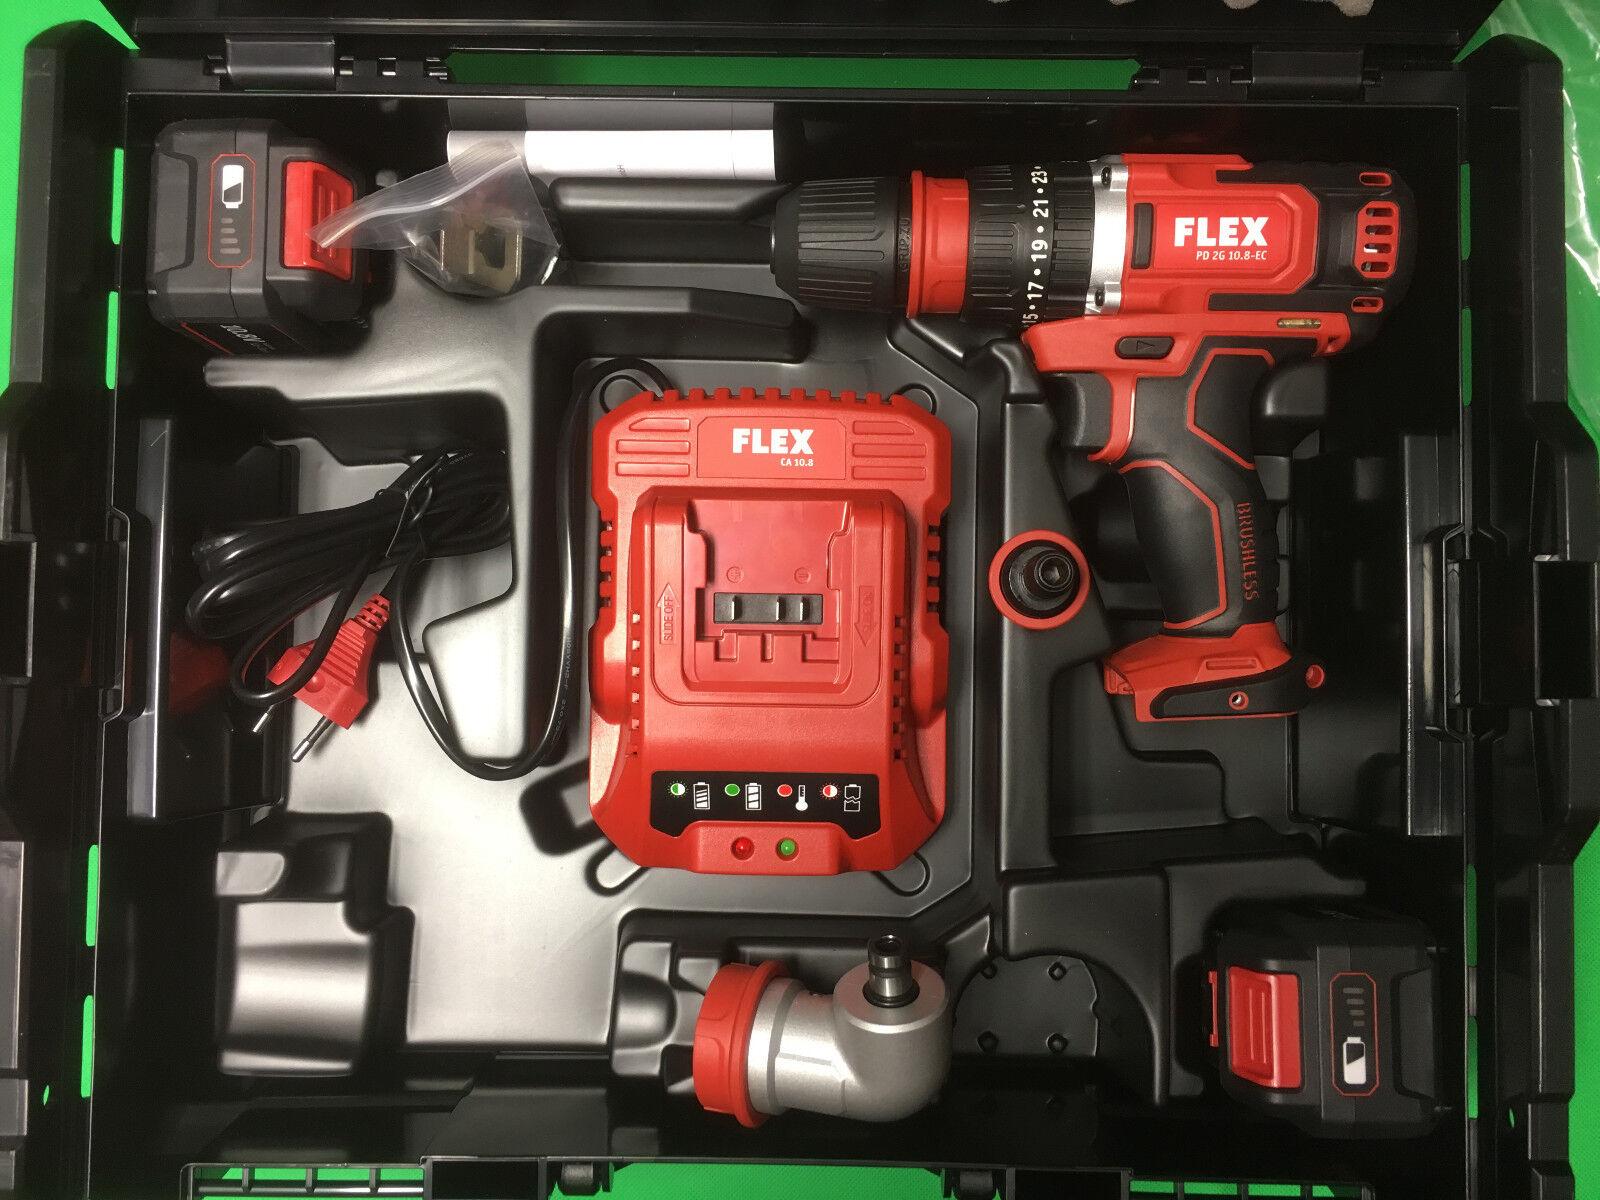 FLEX Akku  2-Gang Akku-Schlagbohrschrauber 10,8 V  6,0Ah  PD 2G 10.8-EC  418013